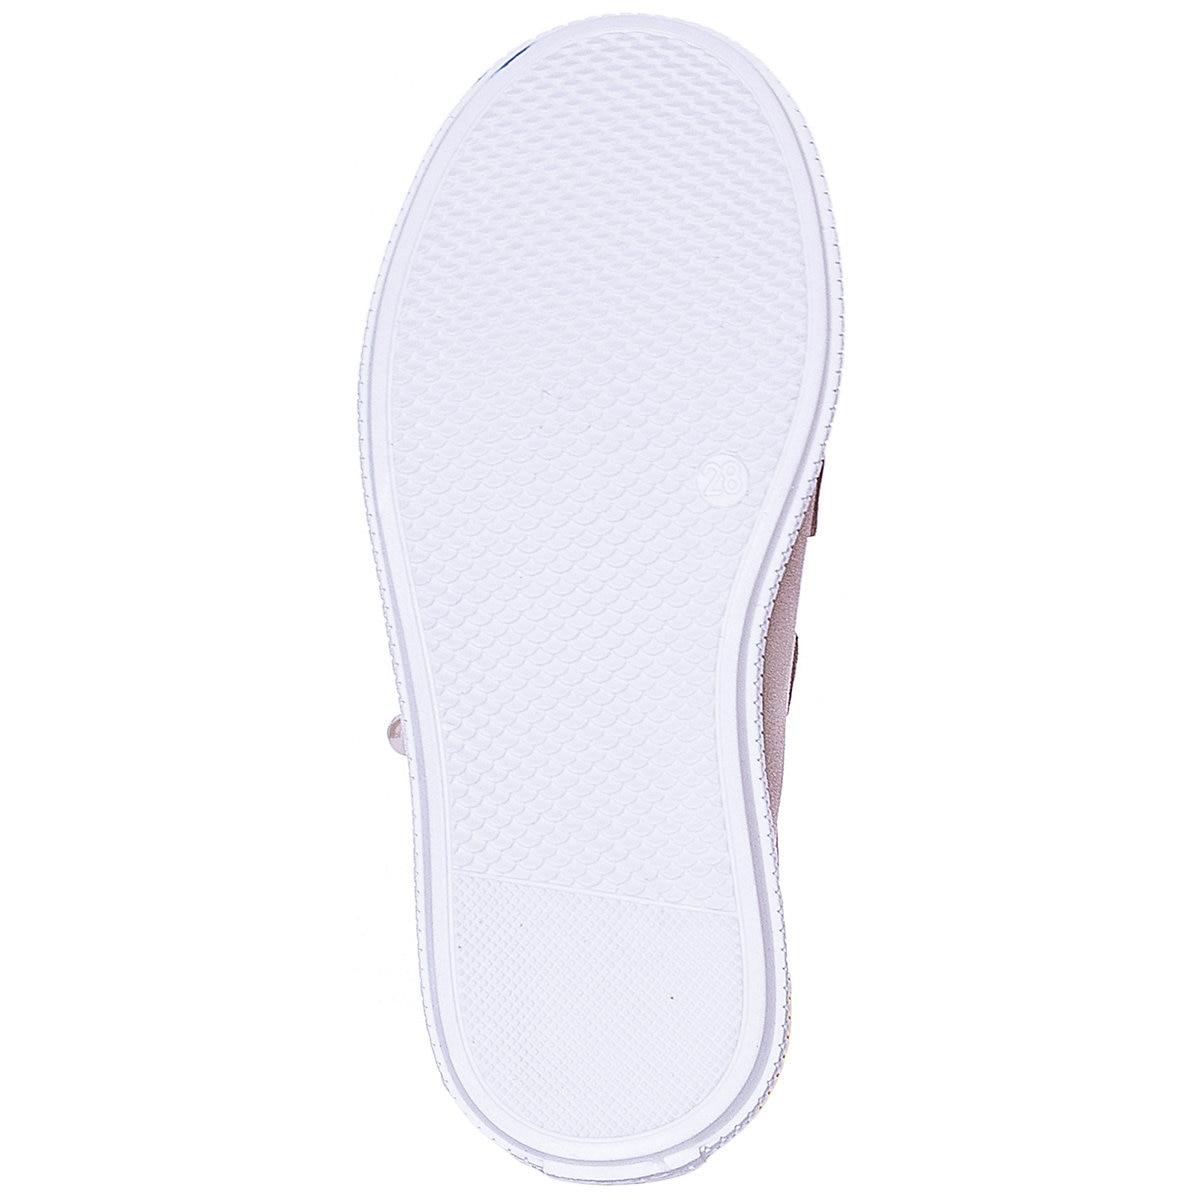 KOTOFEY enfants chaussures décontractées 10813962 baskets chaussures de course pour enfants or sport filles en cuir - 5